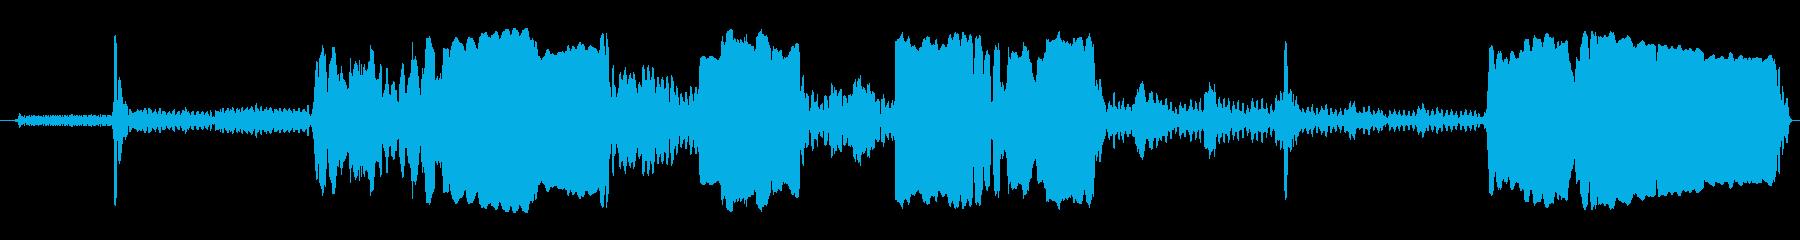 機械 オーバードライブエラーLon...の再生済みの波形